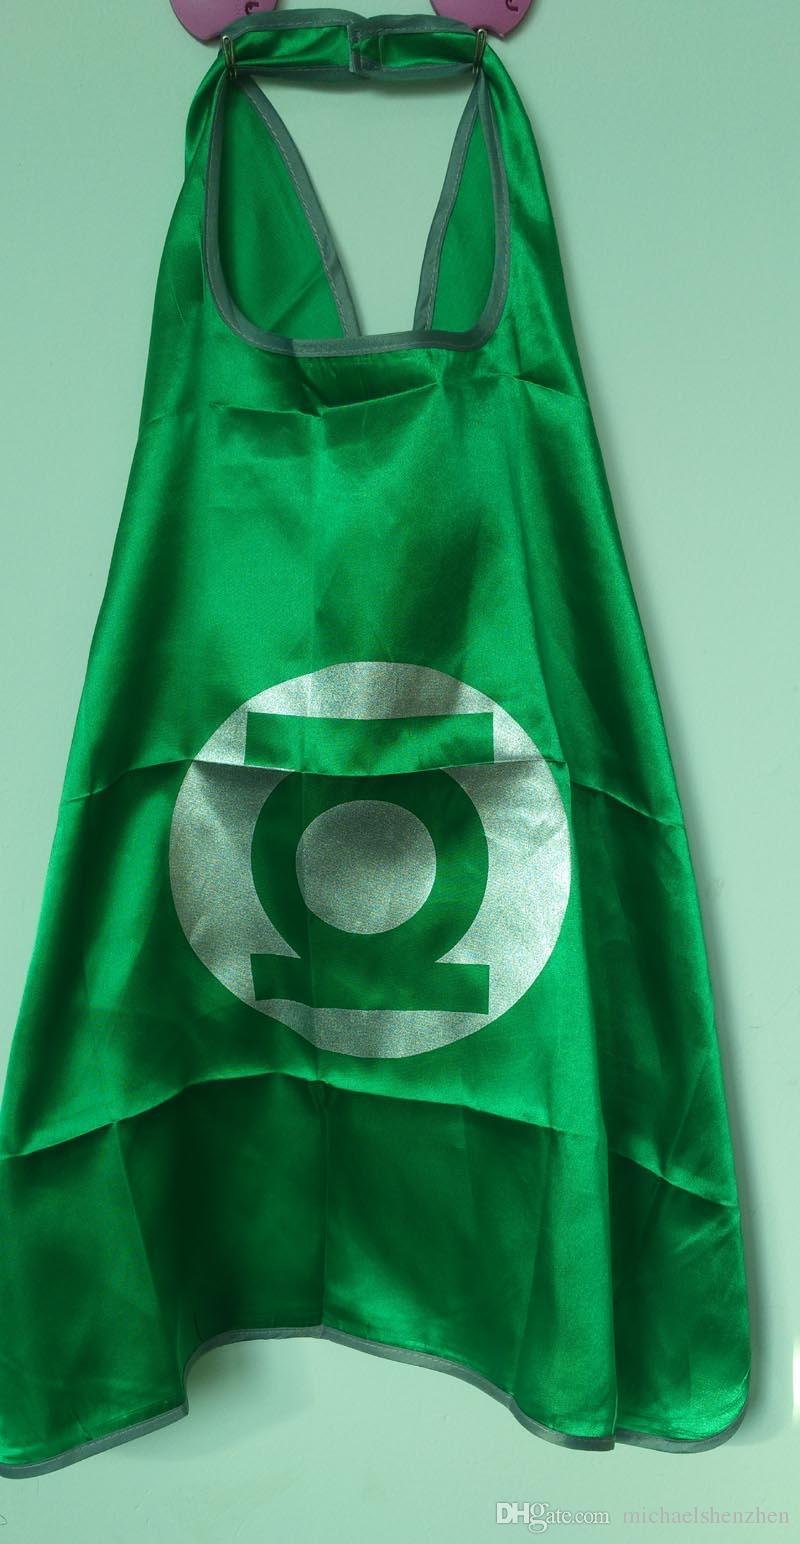 15 Arten einschichtig schließen Logo 70 * 70CM Superheld-Umhänge und Maskensatz ein Superheld cosplay capes + mask Halloween-Kapmaske für Kinder / set